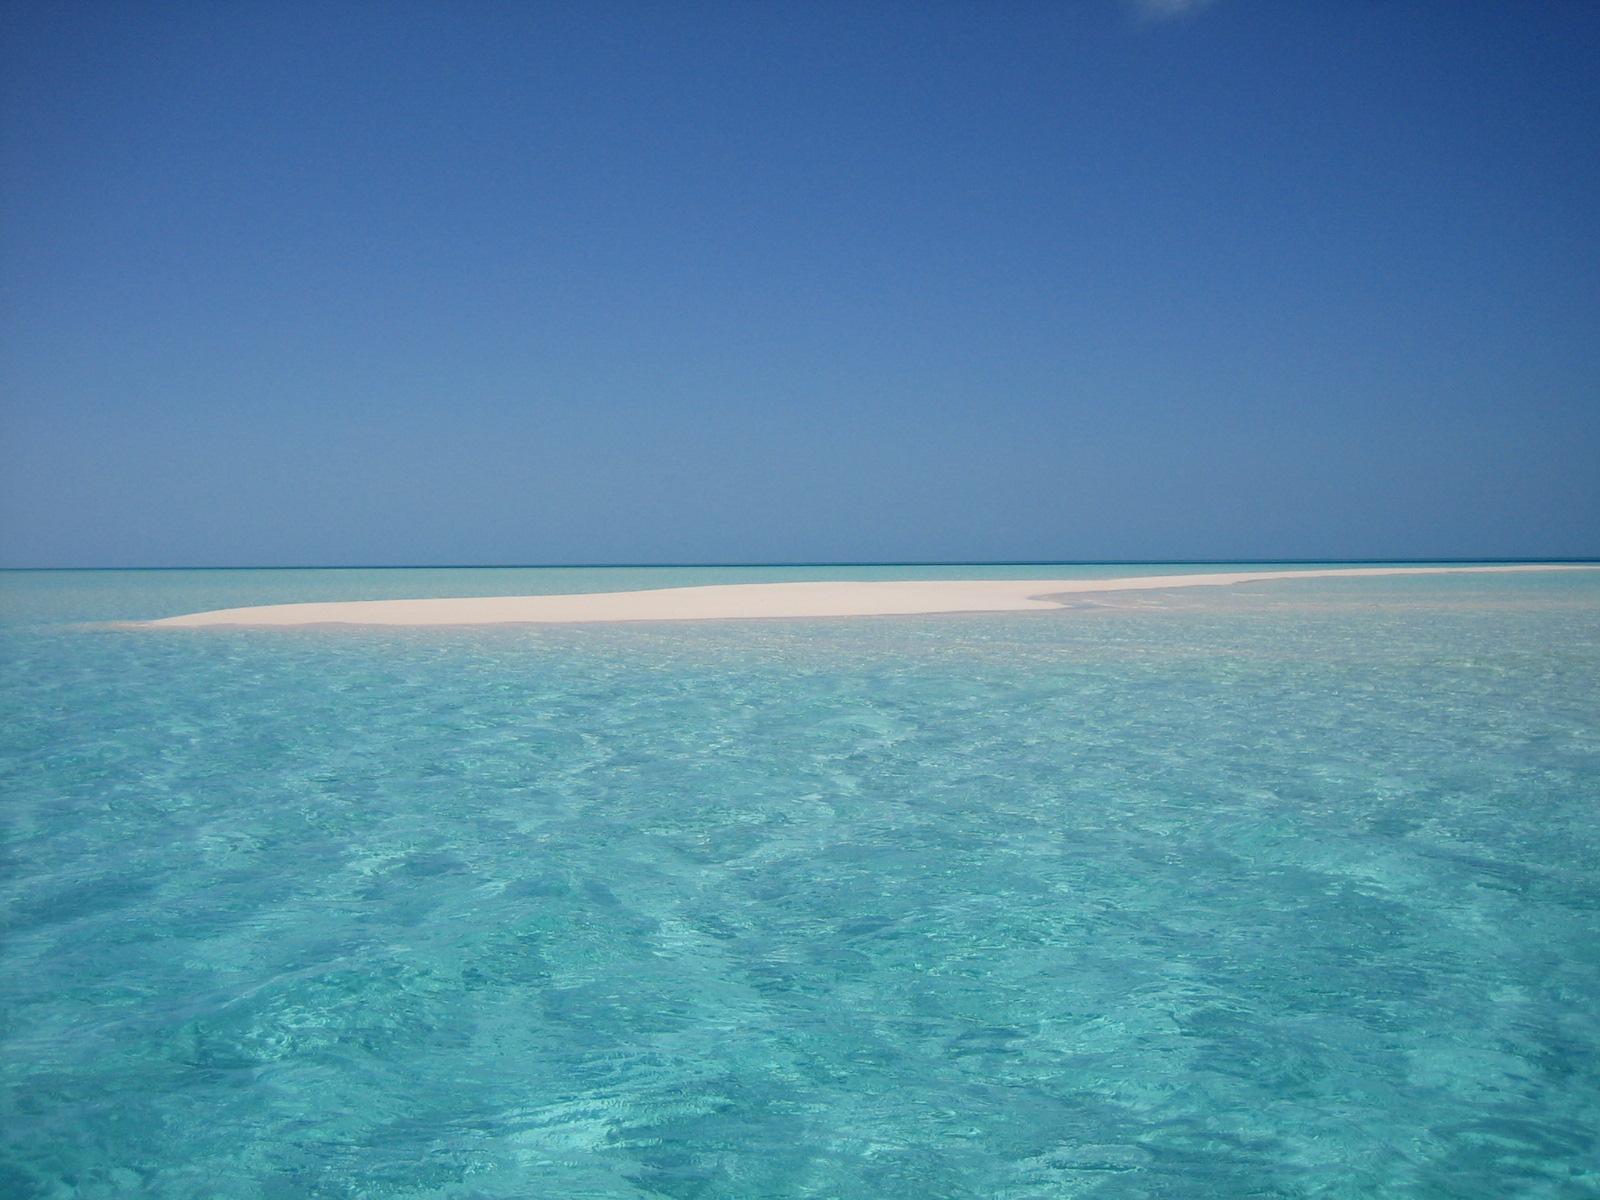 be66350a30144bad2cd7a85184009d0e サンドバー、ハワイの海上に広がる幻の砂浜!